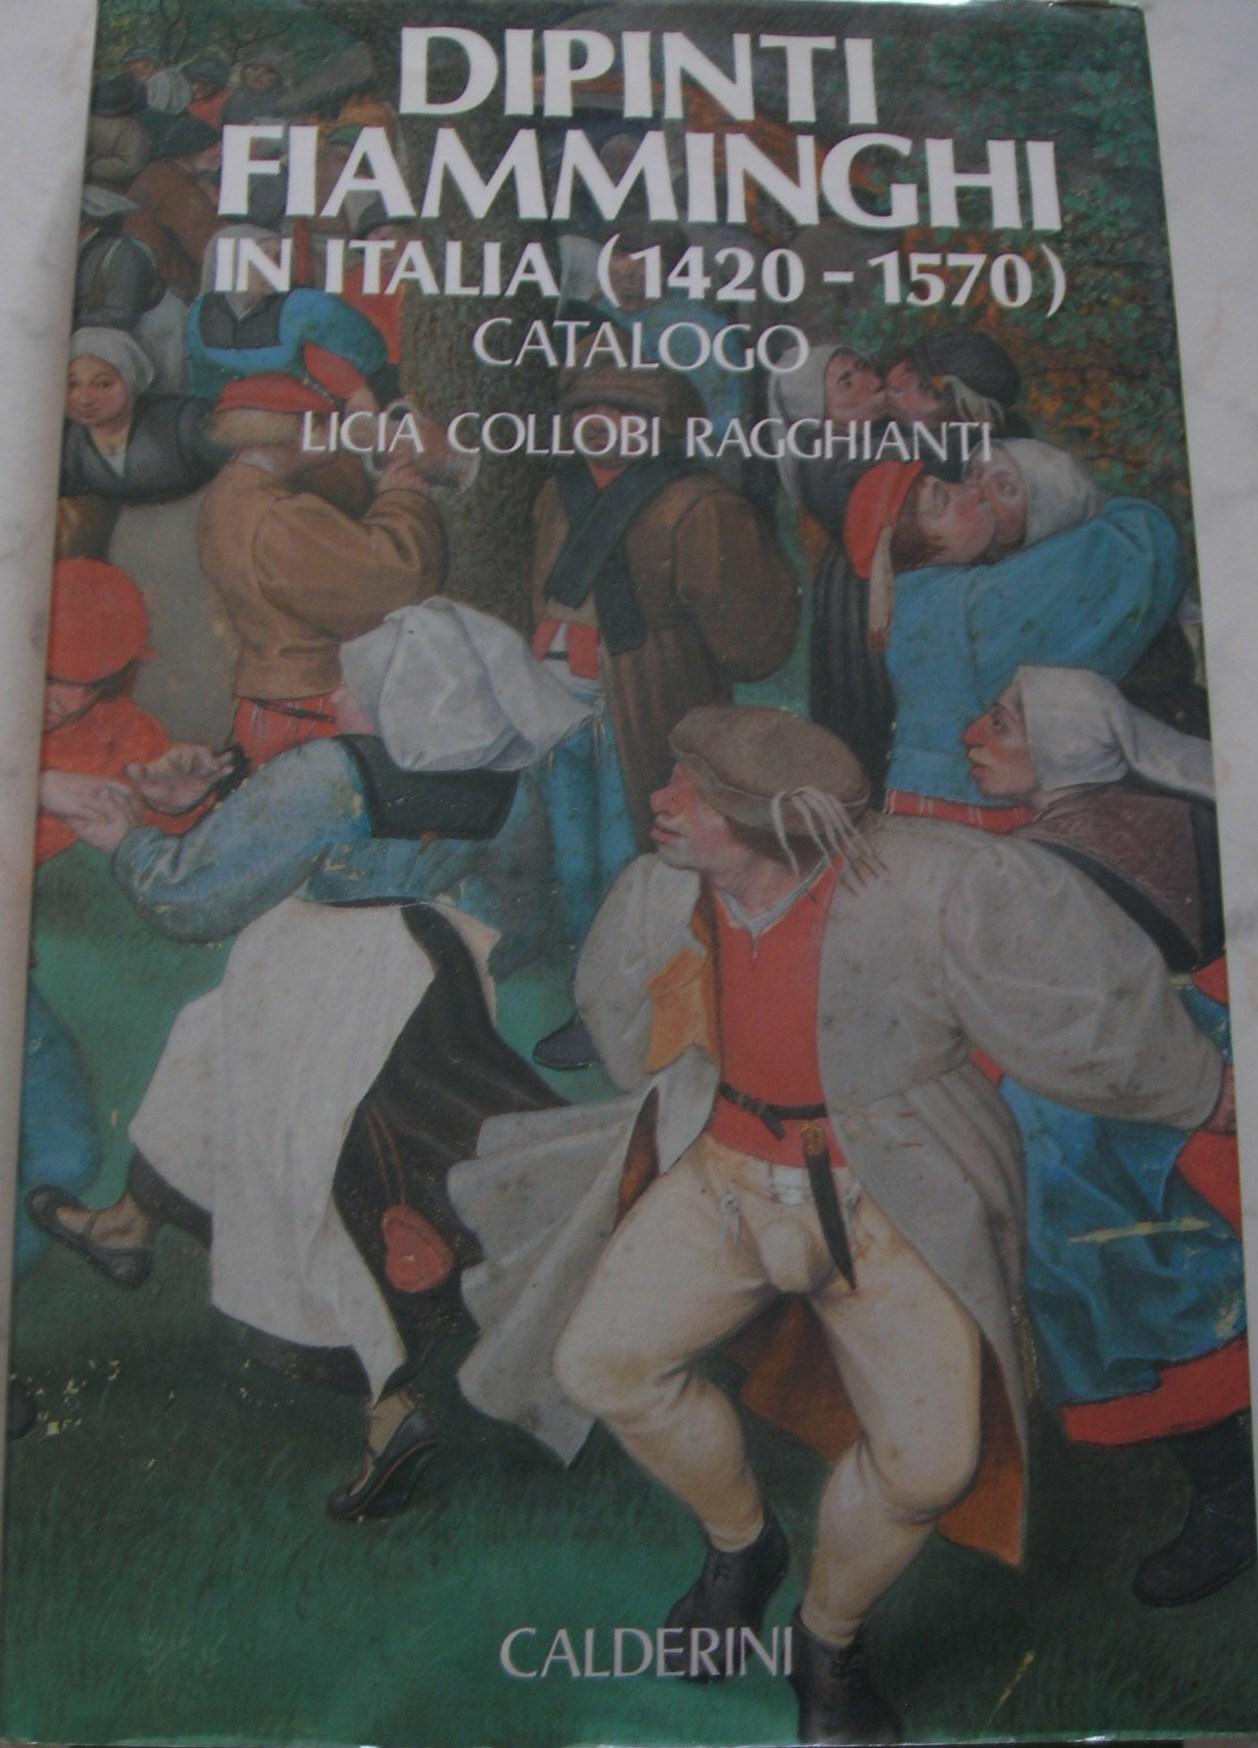 Dipinti fiamminghi in Italia 1420-1570